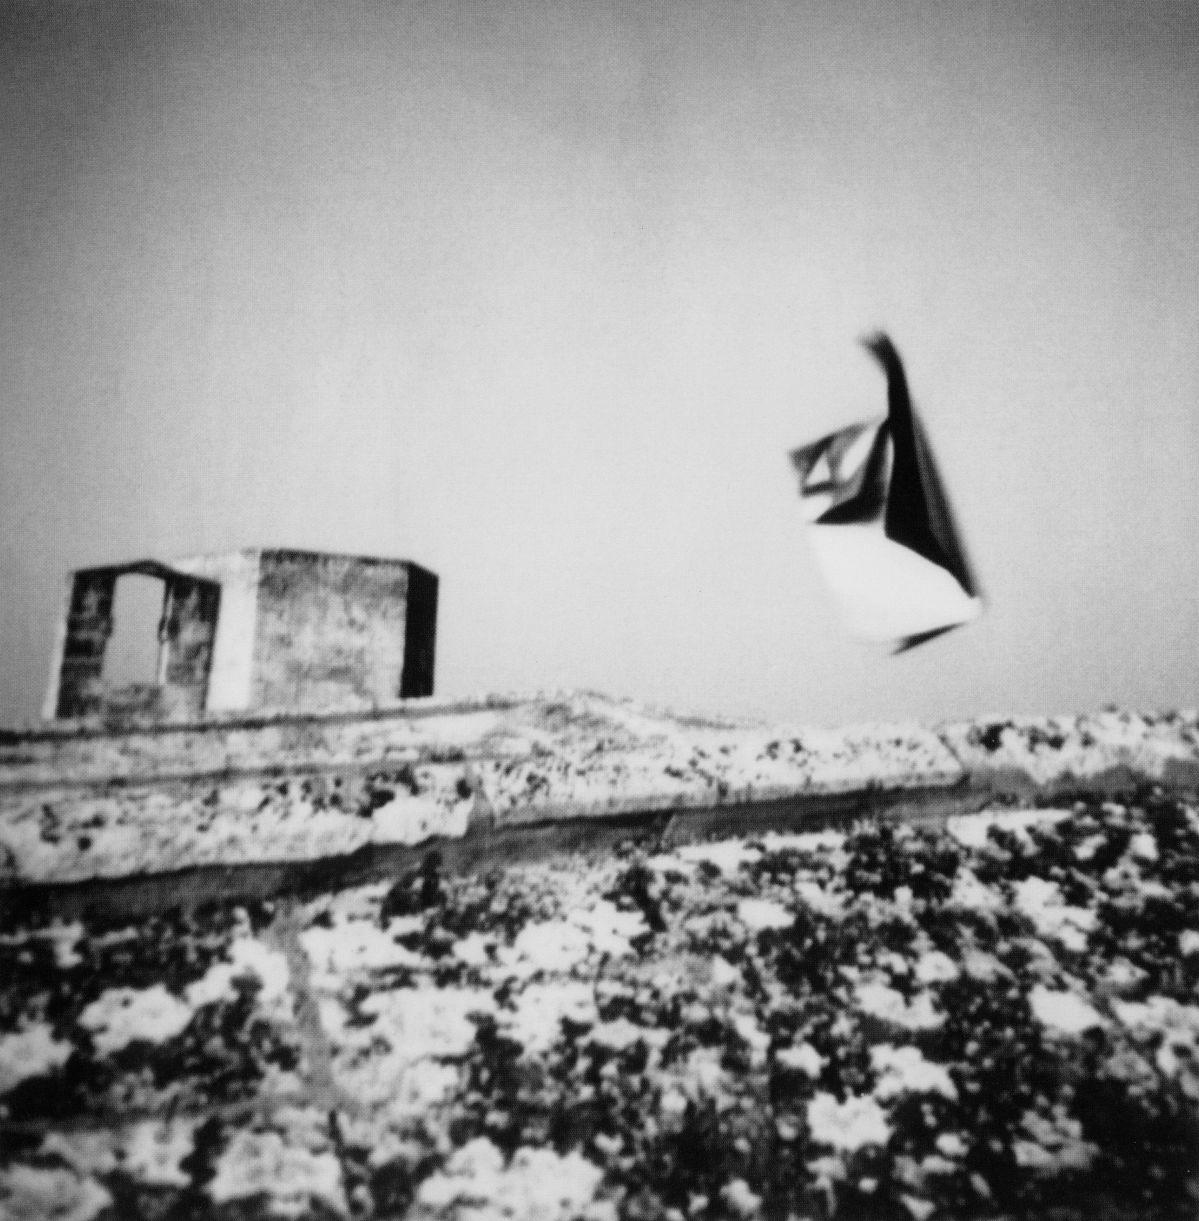 Corinne Mercadier - La Suite d'Arles (série). Église des Frères Prêcheurs II Arles, 2003. Tirage sur papier baryté. 101 x 99 cm